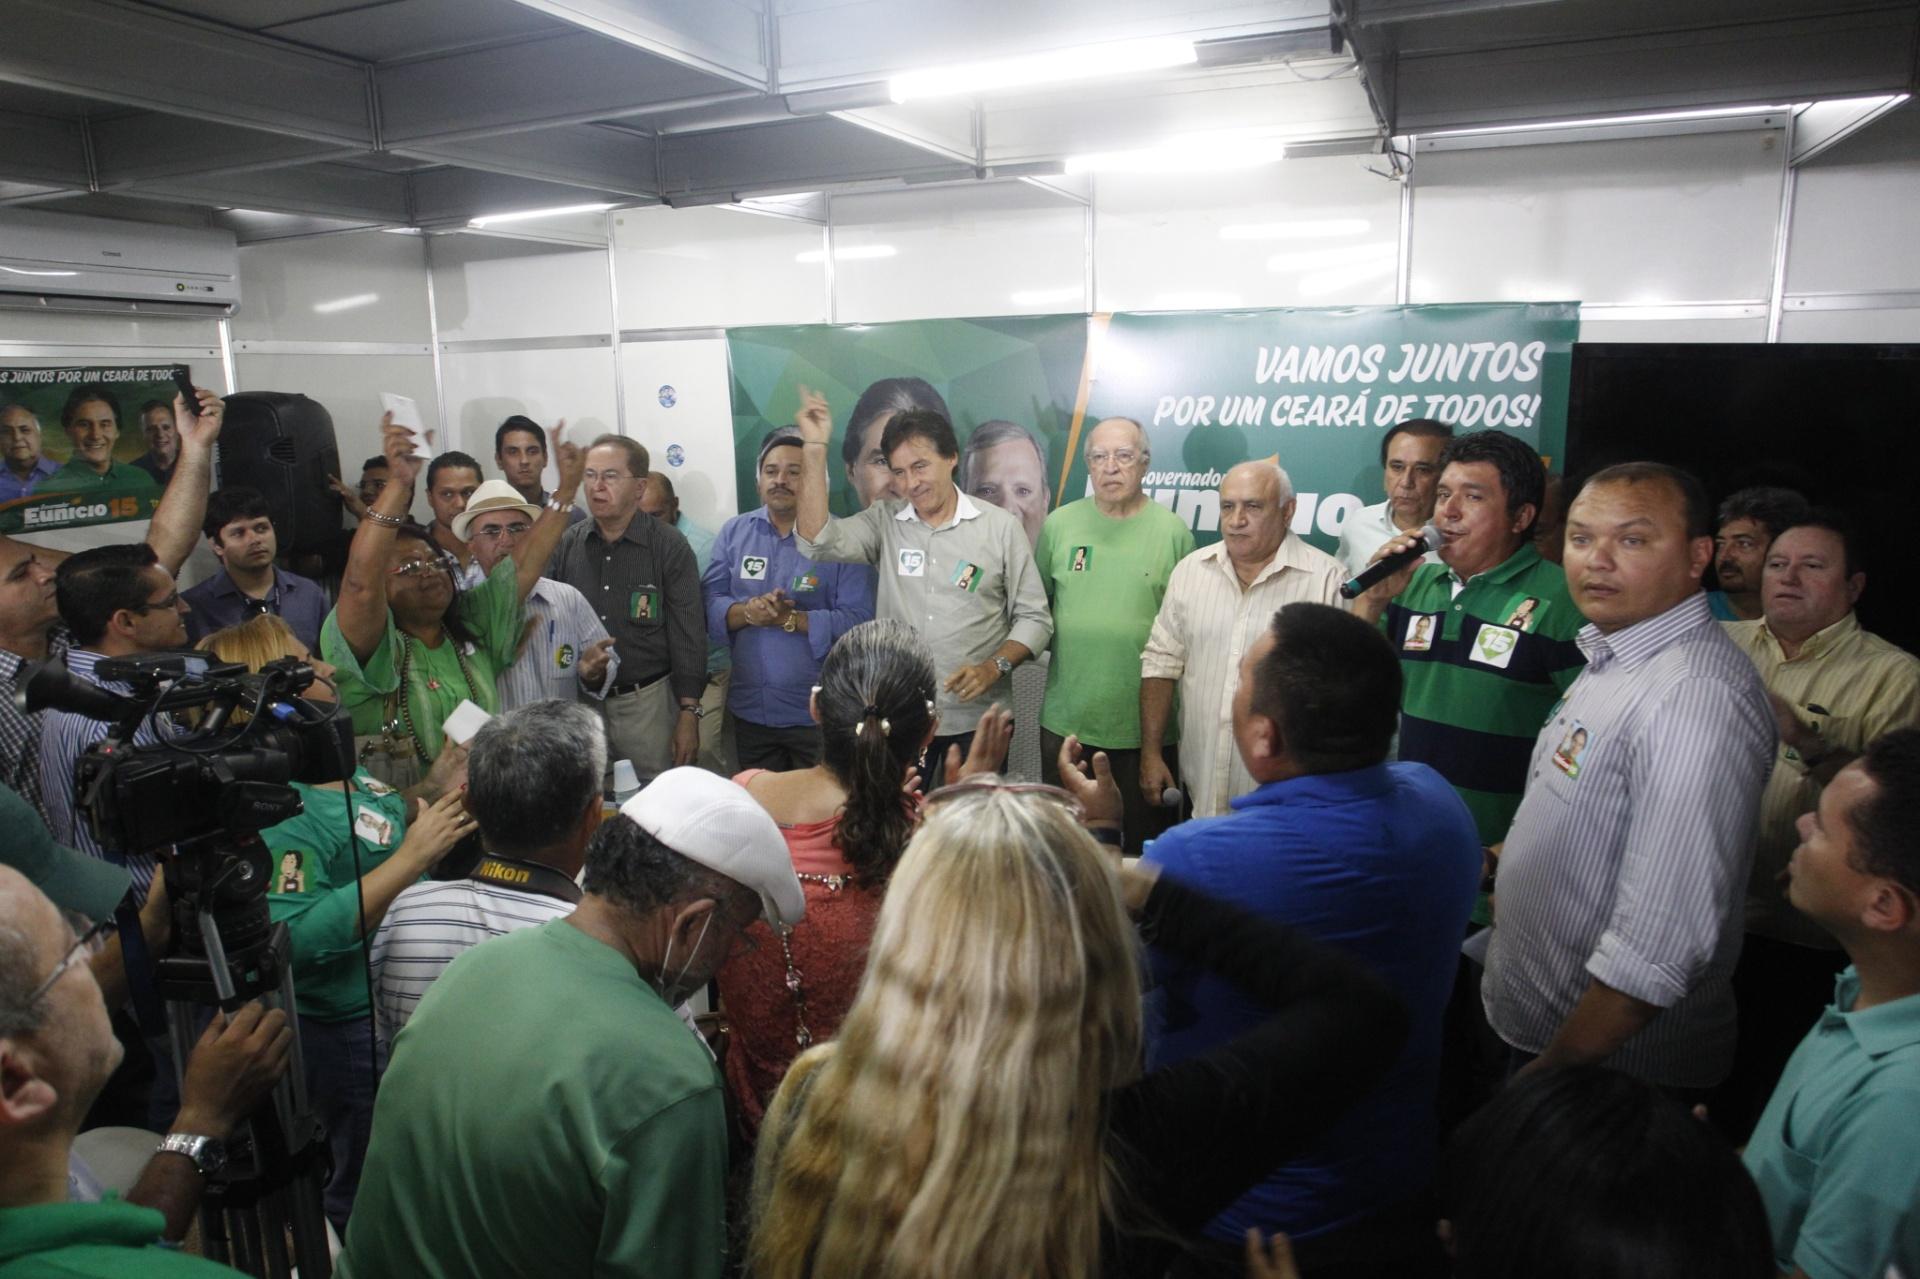 22.out.2014 - O candidato ao governo do Ceará do PMDB, Eunício Oliveira, participou de reunião no Comitê Central do partido, nesta terça-feira (21), onde recebeu apoio de vários líderes partidários. Membros do PSC, PTC, PTN, PDT, PEN, PTB e PMN estiveram presentes e confirmaram disposição de trabalhar e apoiar Oliveira nesta reta final eleitoral